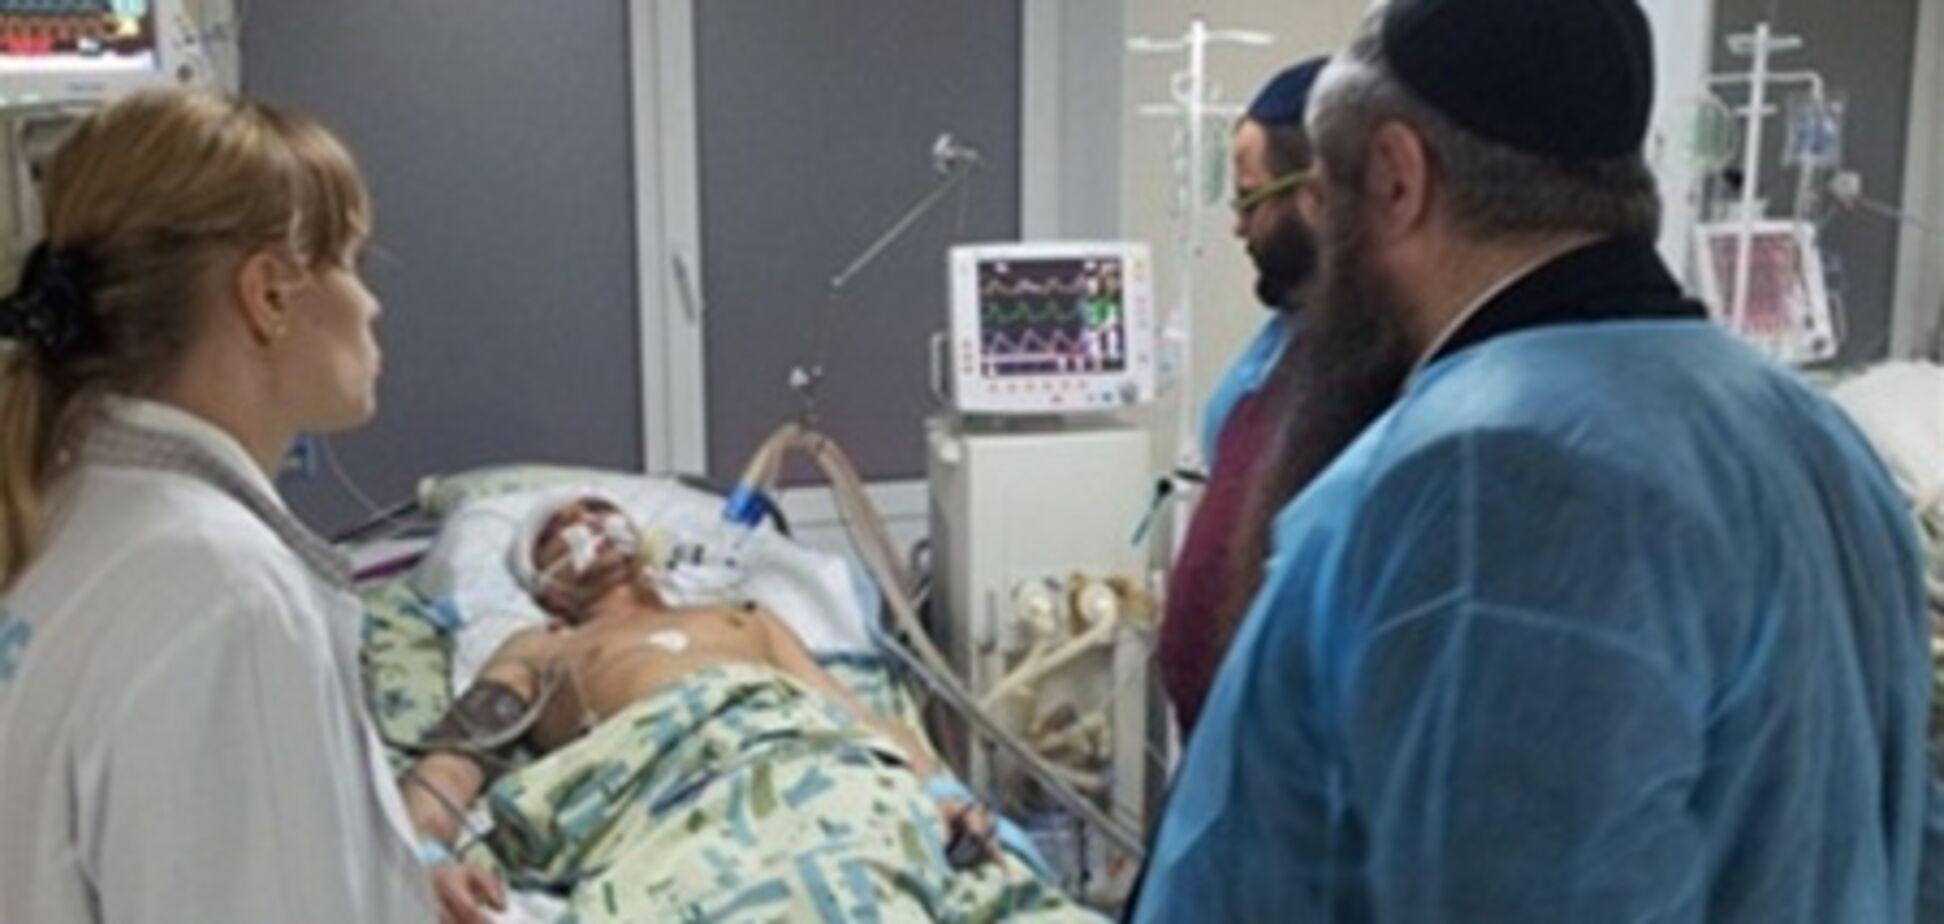 Еврейского студента, жестоко избитого в центре Киева, перевезли в Израиль